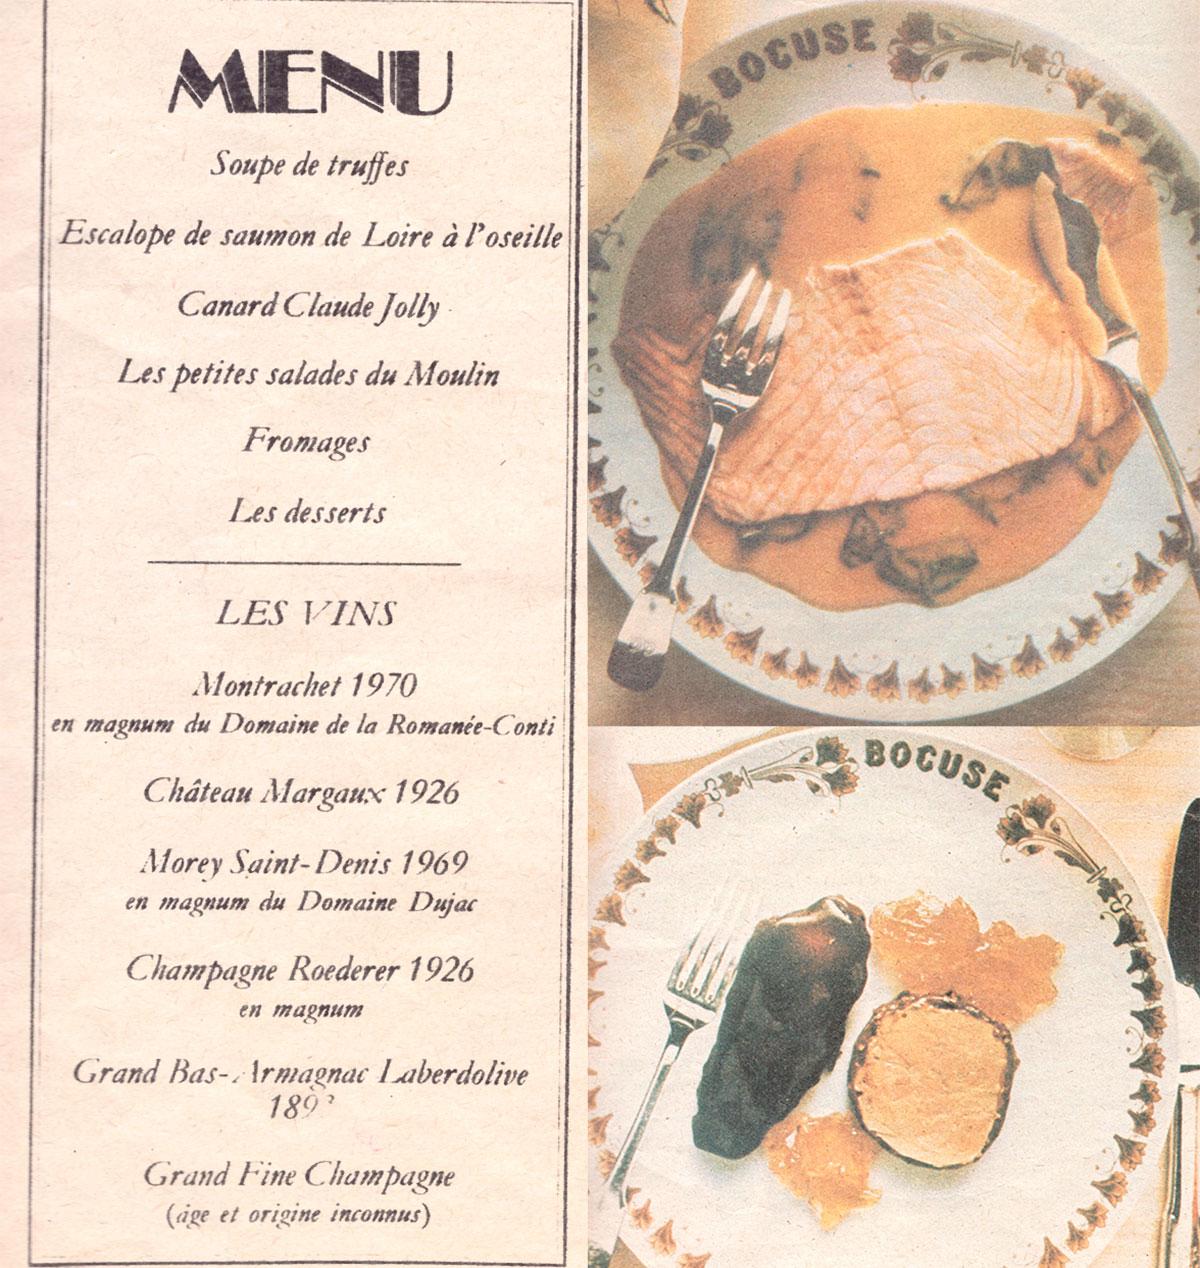 El célebre menú y dos de sus platos, en las páginas de 'ABC'.